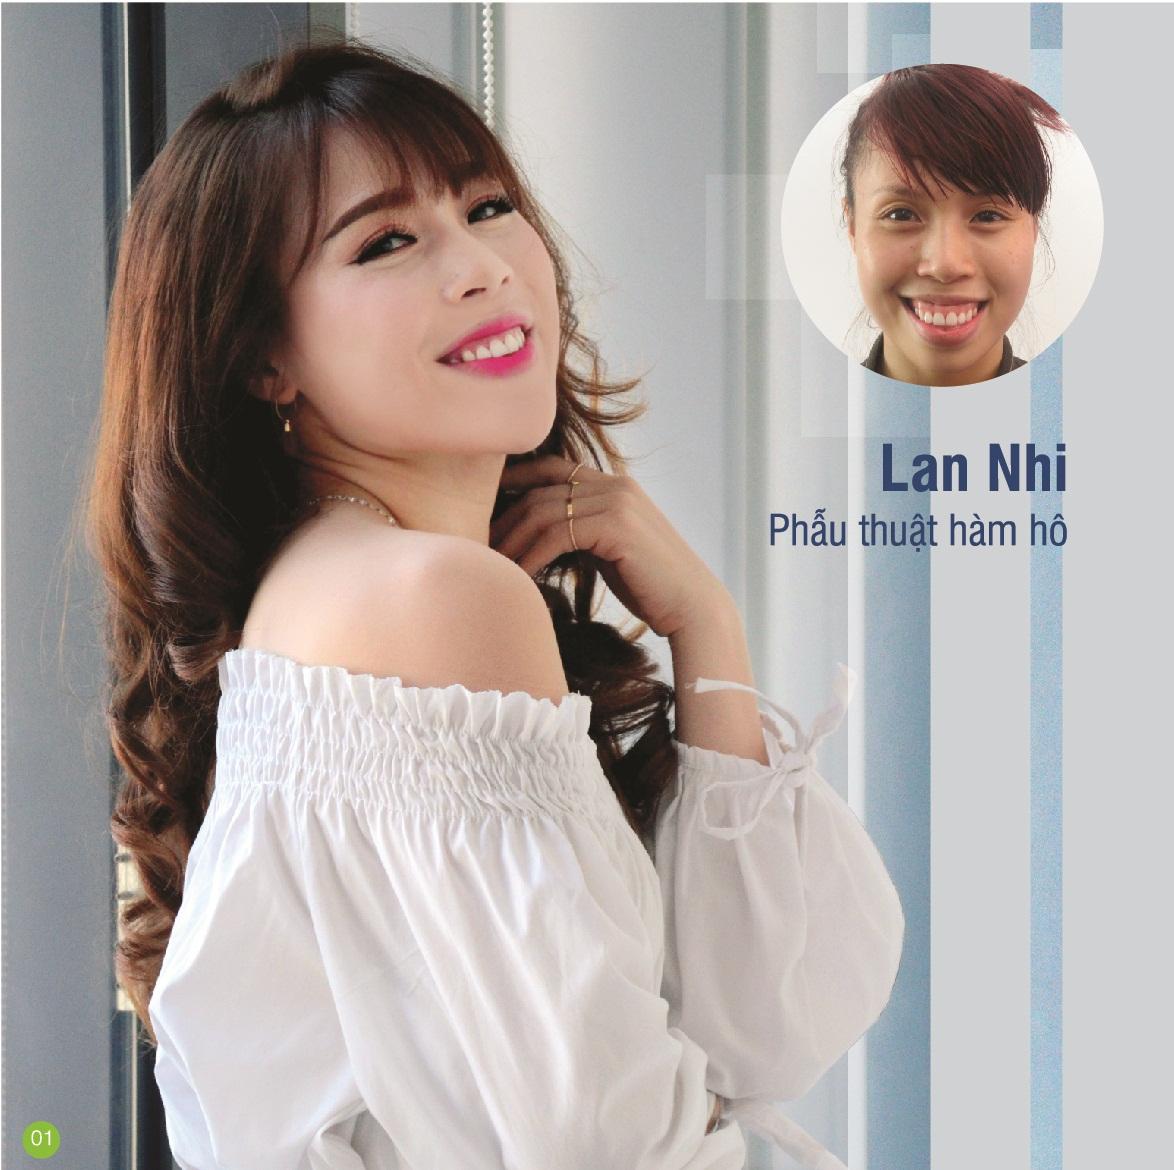 lan-nhi